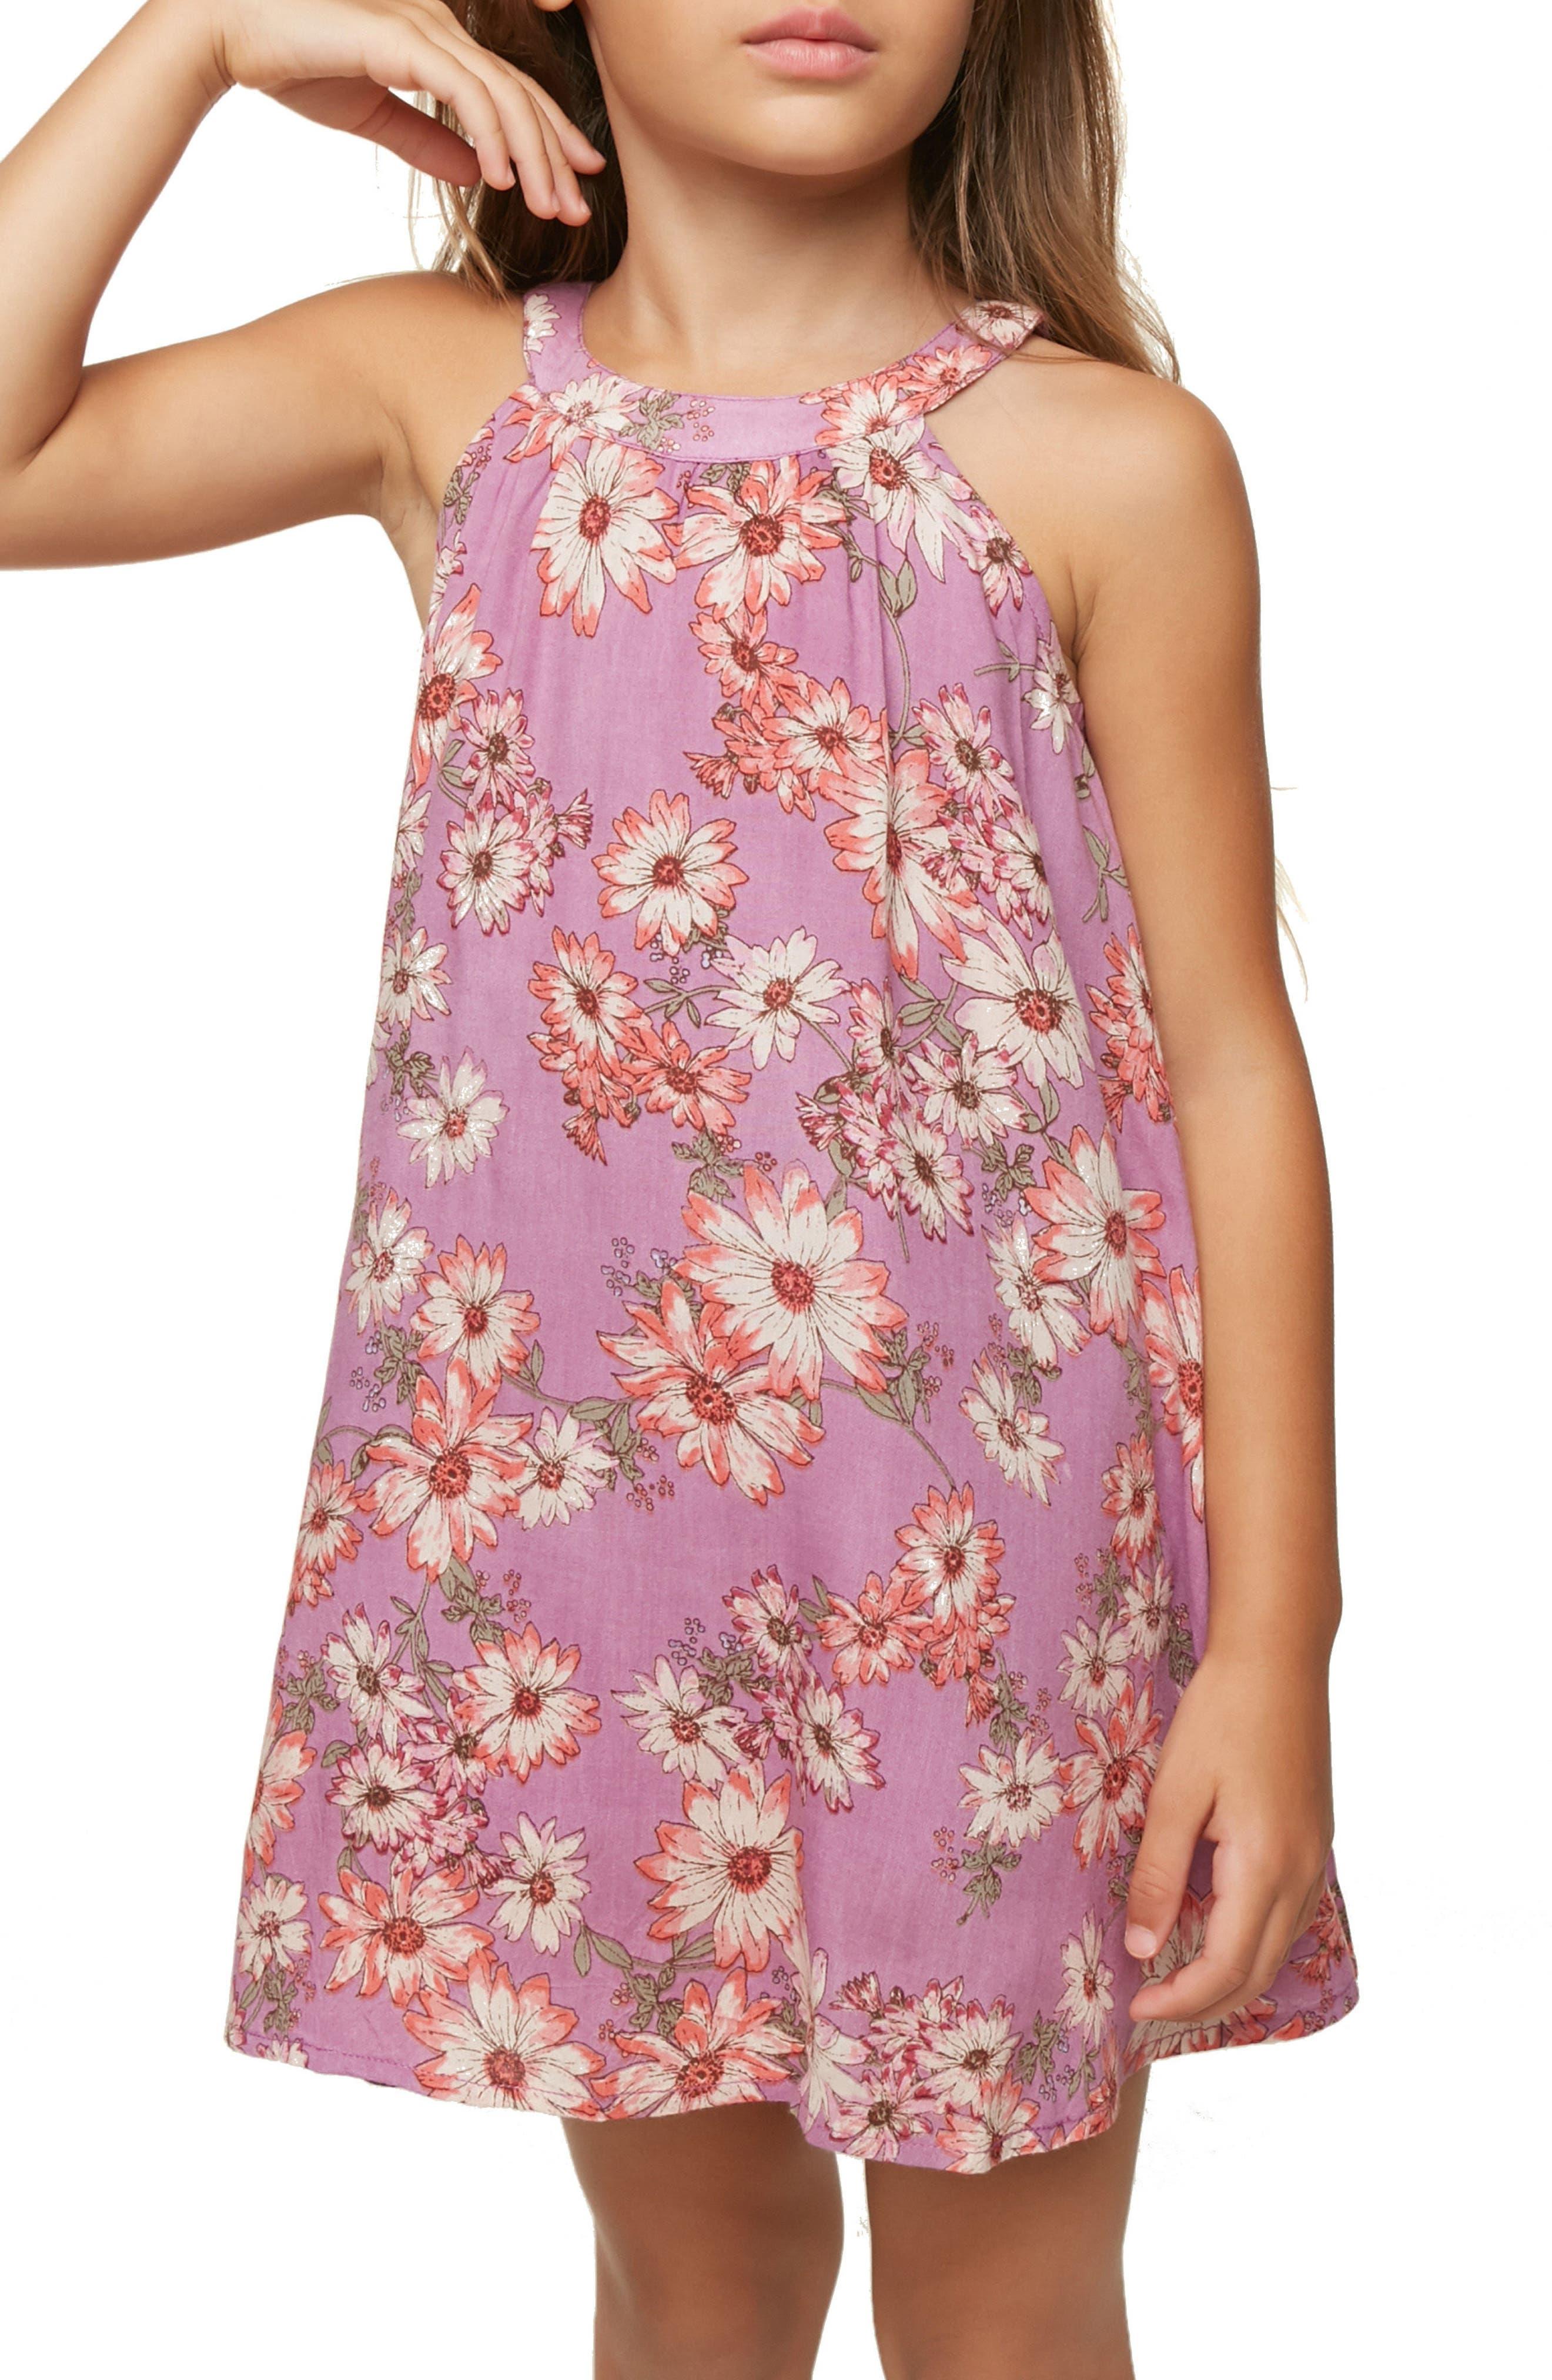 Sallie Floral Dress,                             Alternate thumbnail 4, color,                             Dusty Lavender